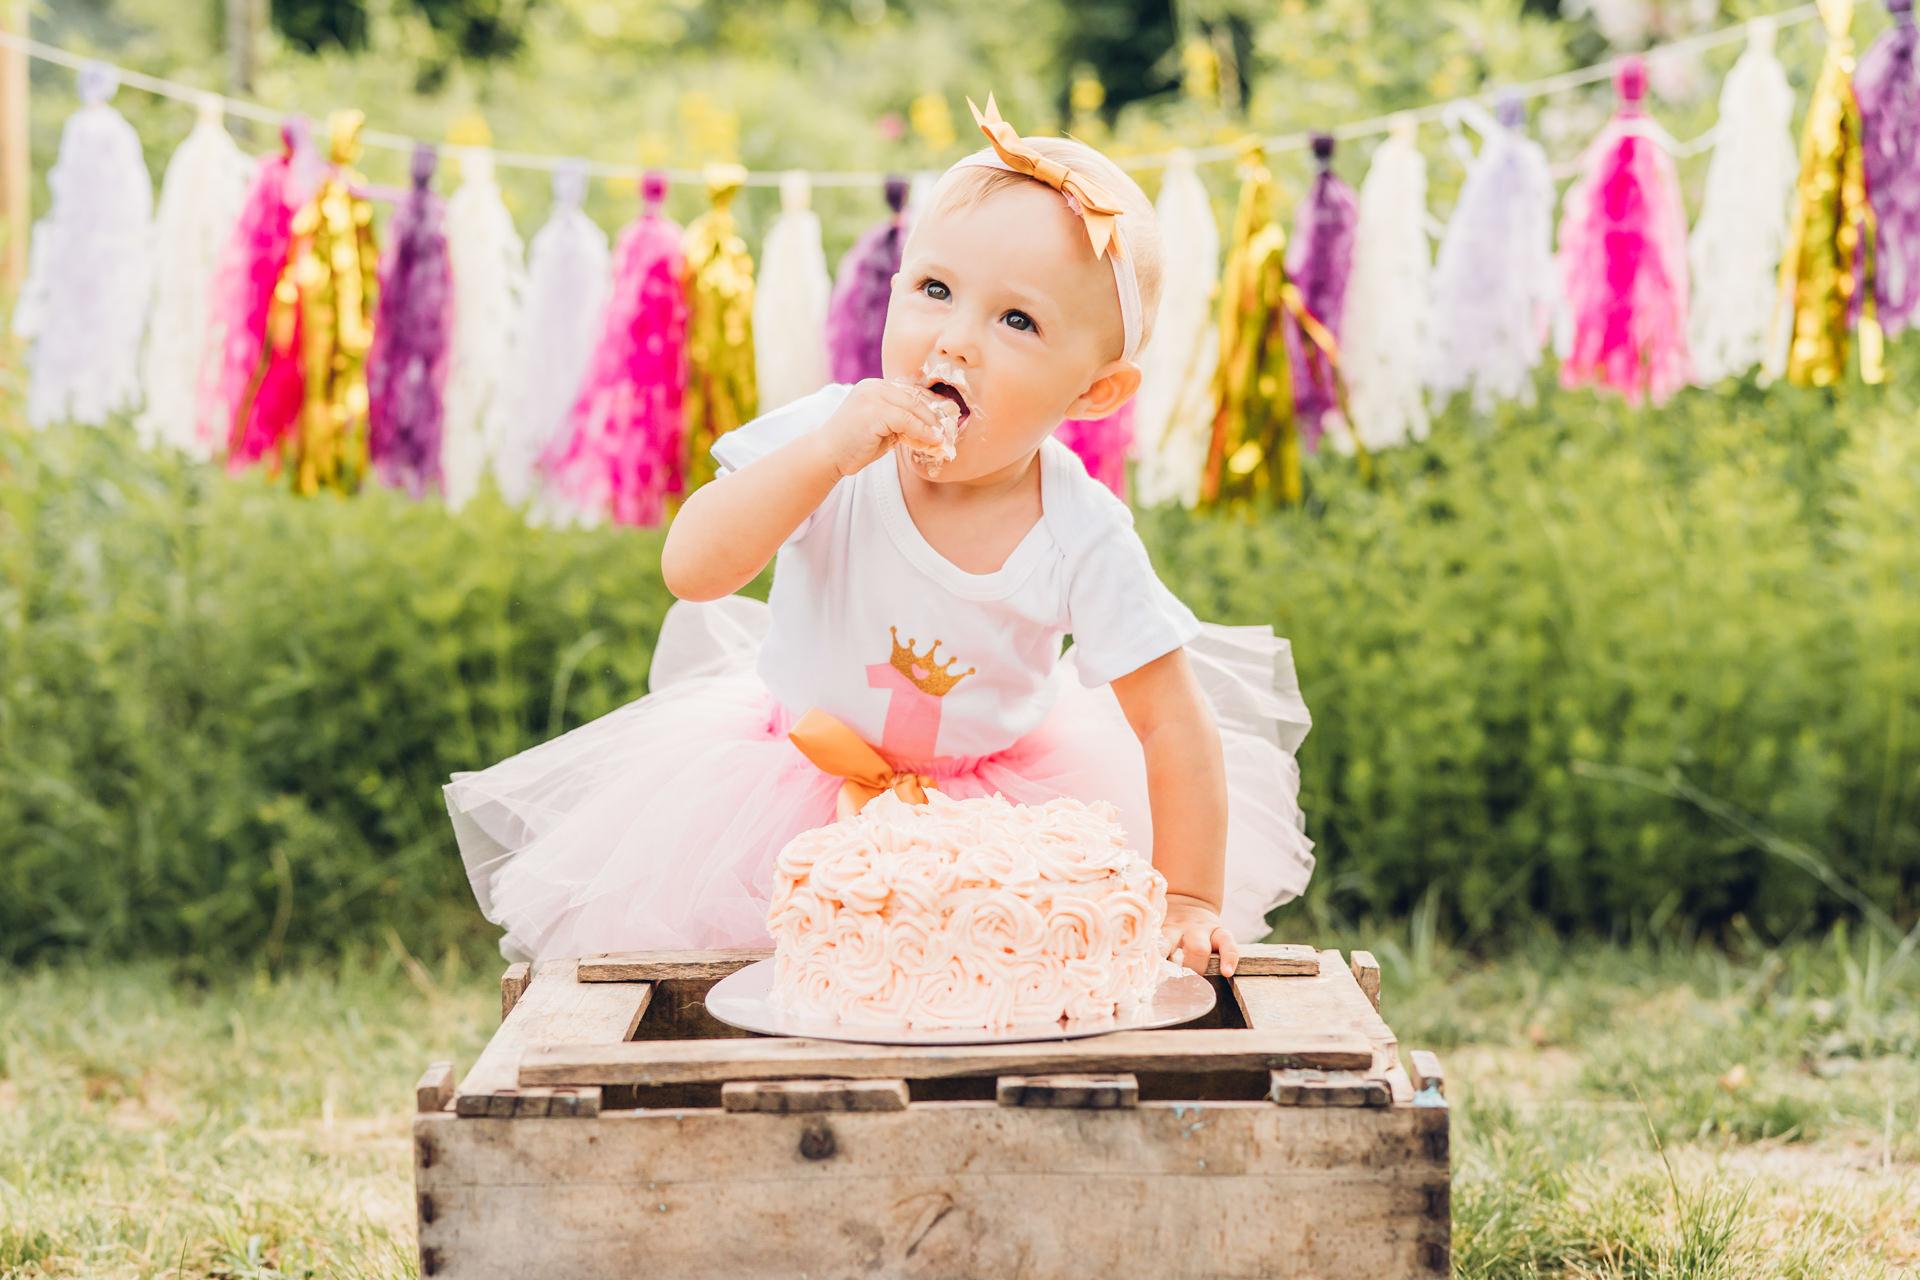 Cake Smash Shooting zum ersten Geburtstag Fotograf Speyer